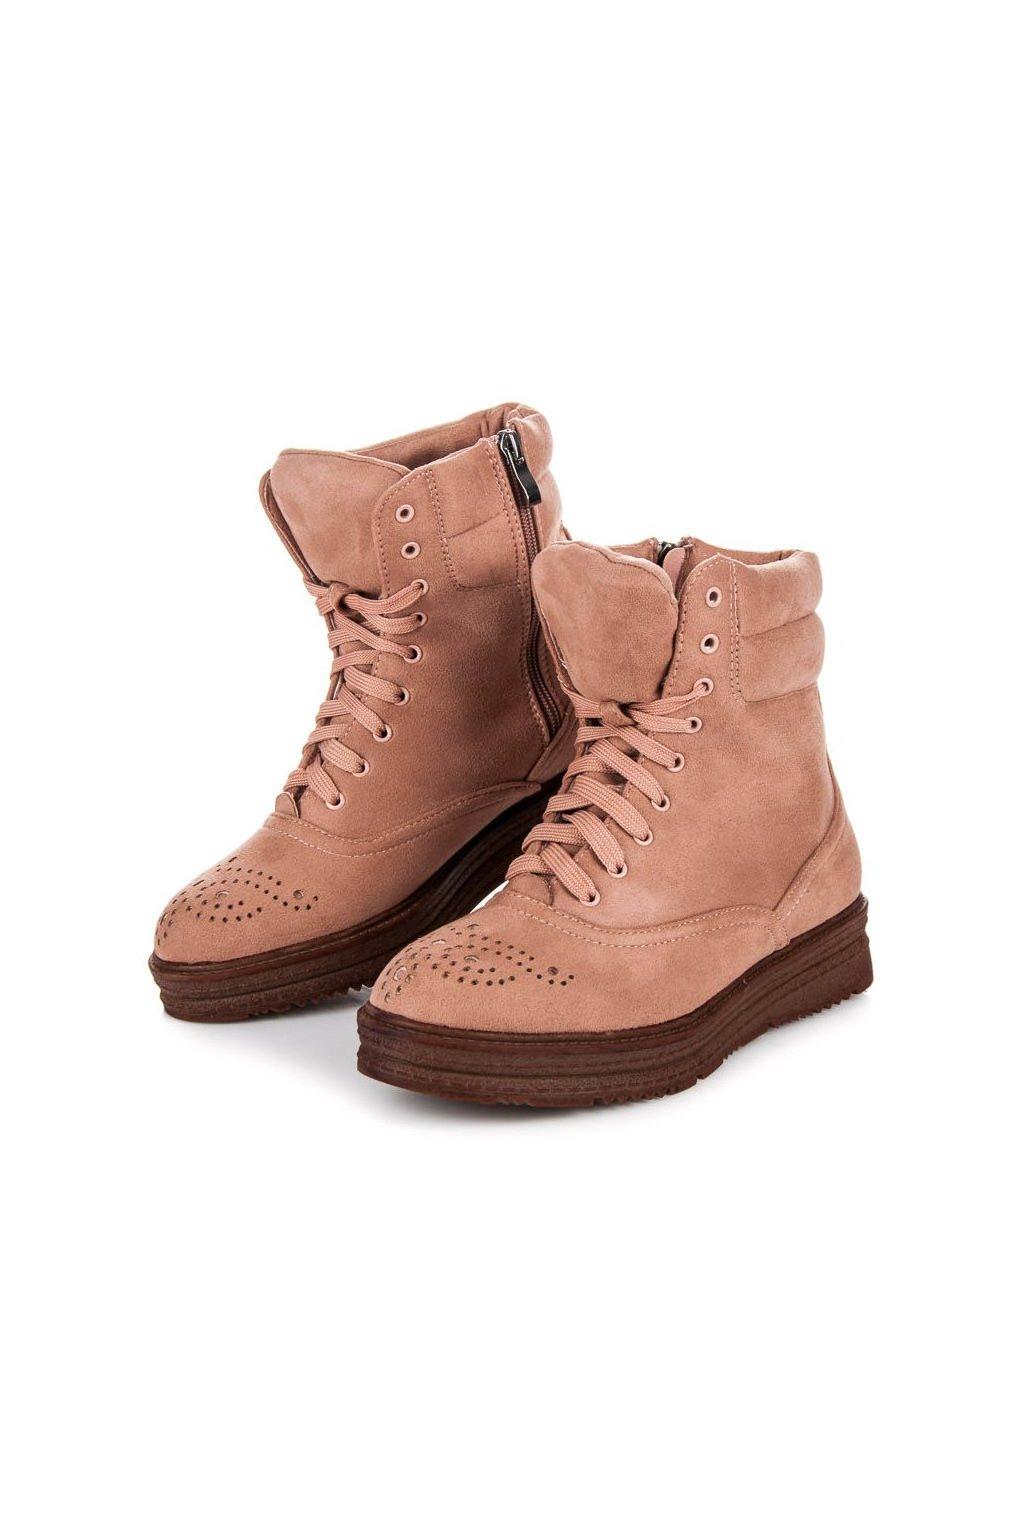 Ružové členkové topánky Melinda 2115-20P